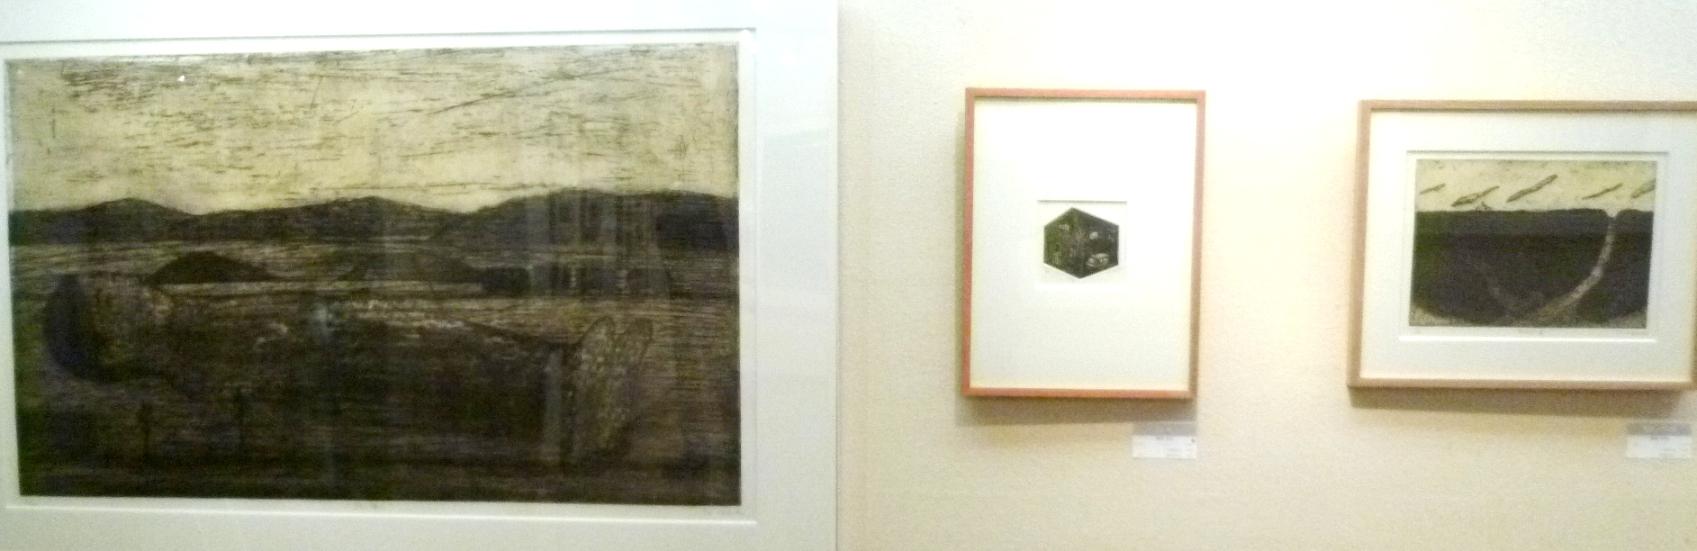 1534) ③「多摩美術大学版画科OB展 2011」 さいとう 終了1月25日(火)~1月30日(日)_f0126829_11204547.jpg